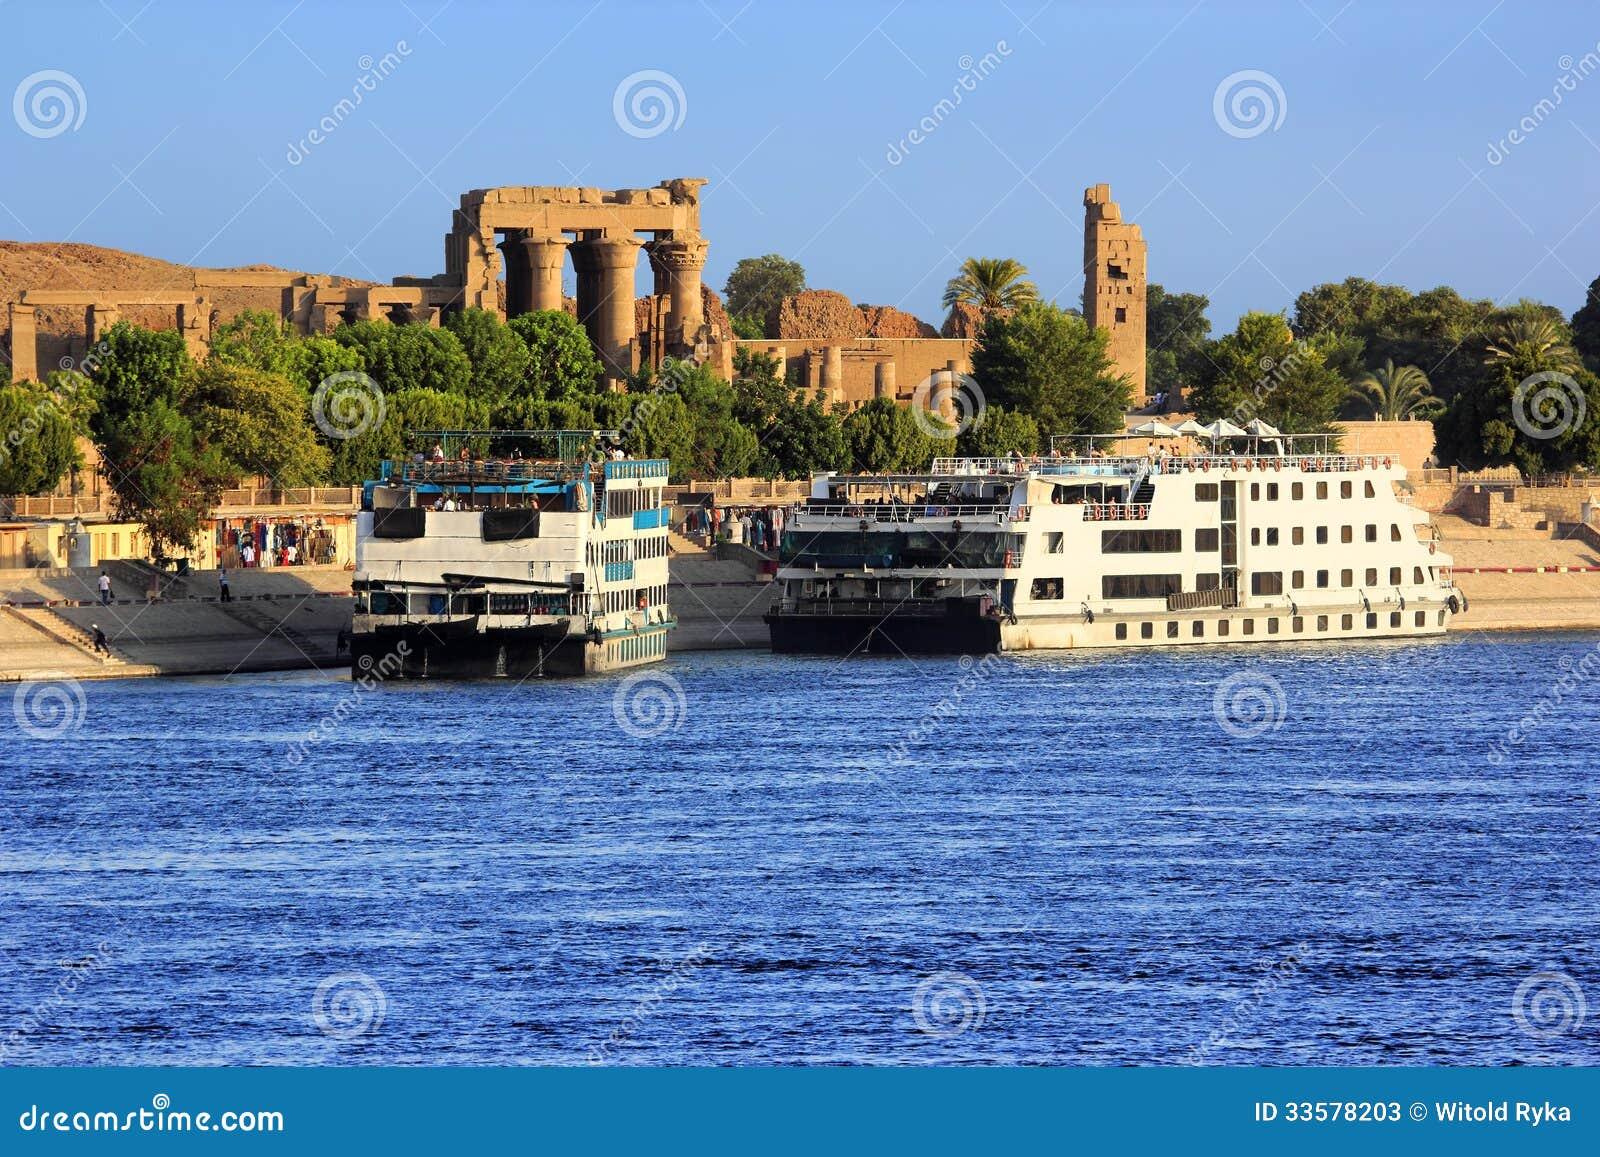 Туристические судна Нила реки